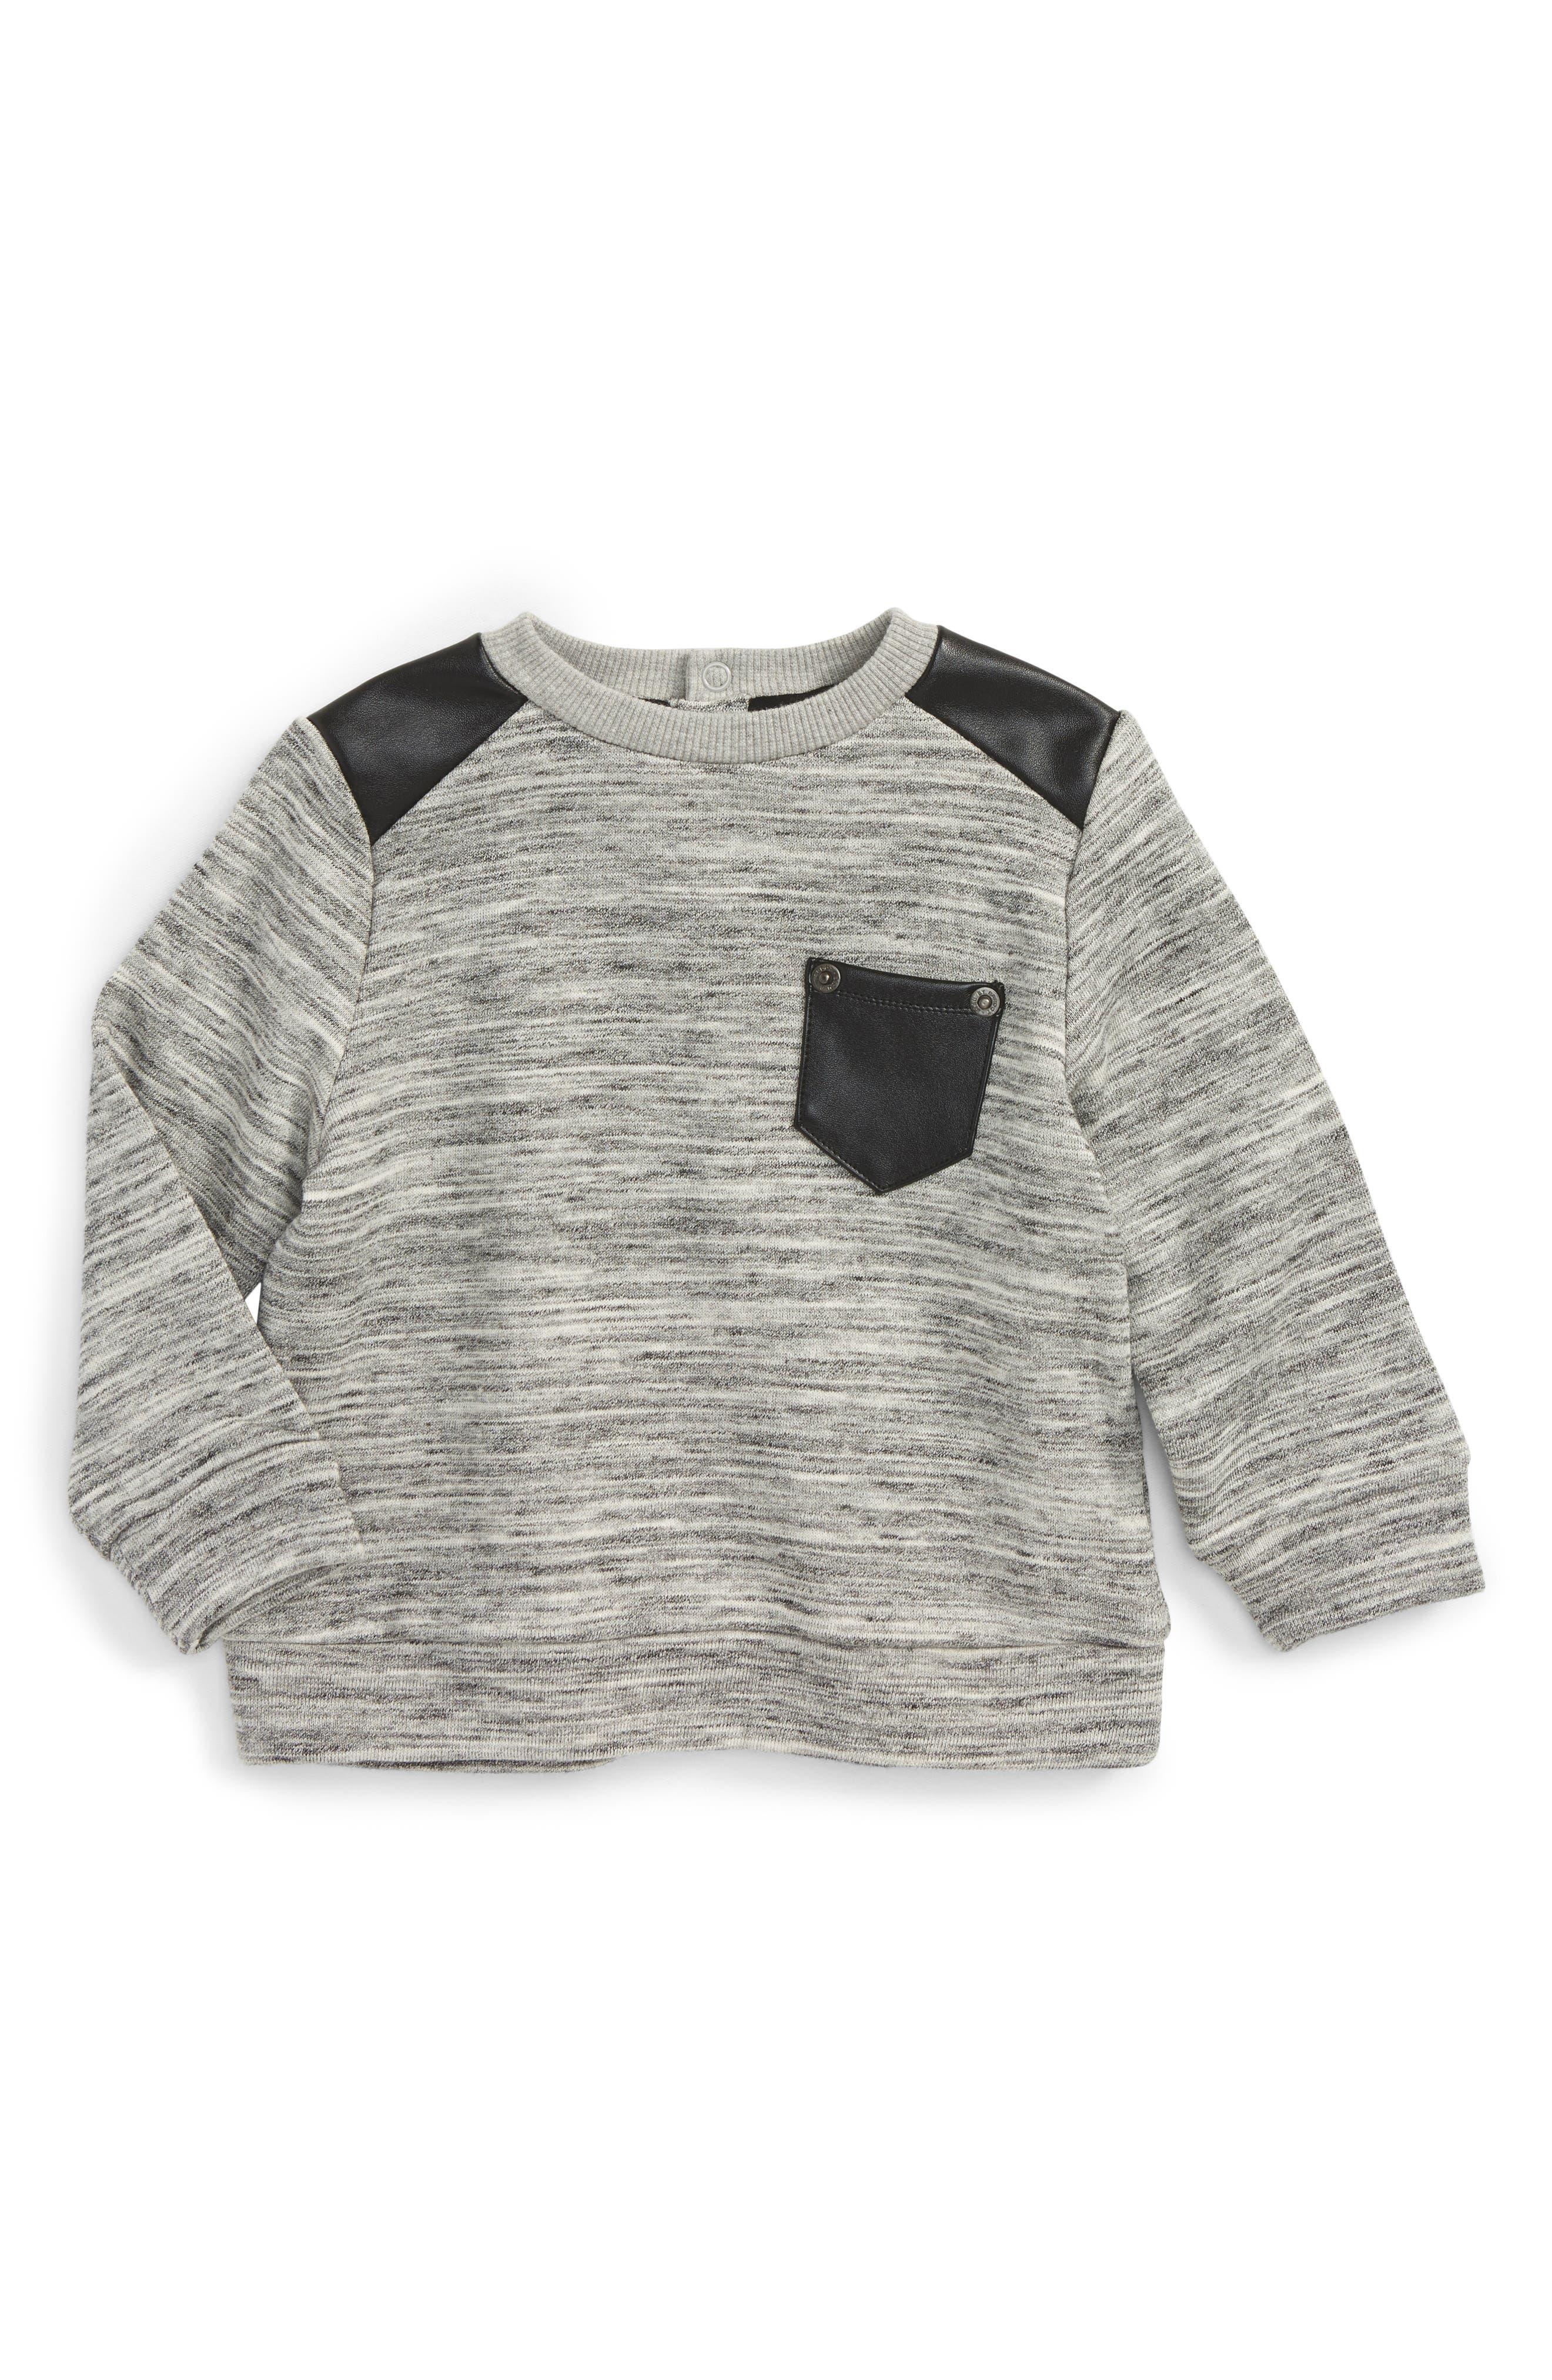 Moto Sweater,                             Main thumbnail 1, color,                             Grey Marle